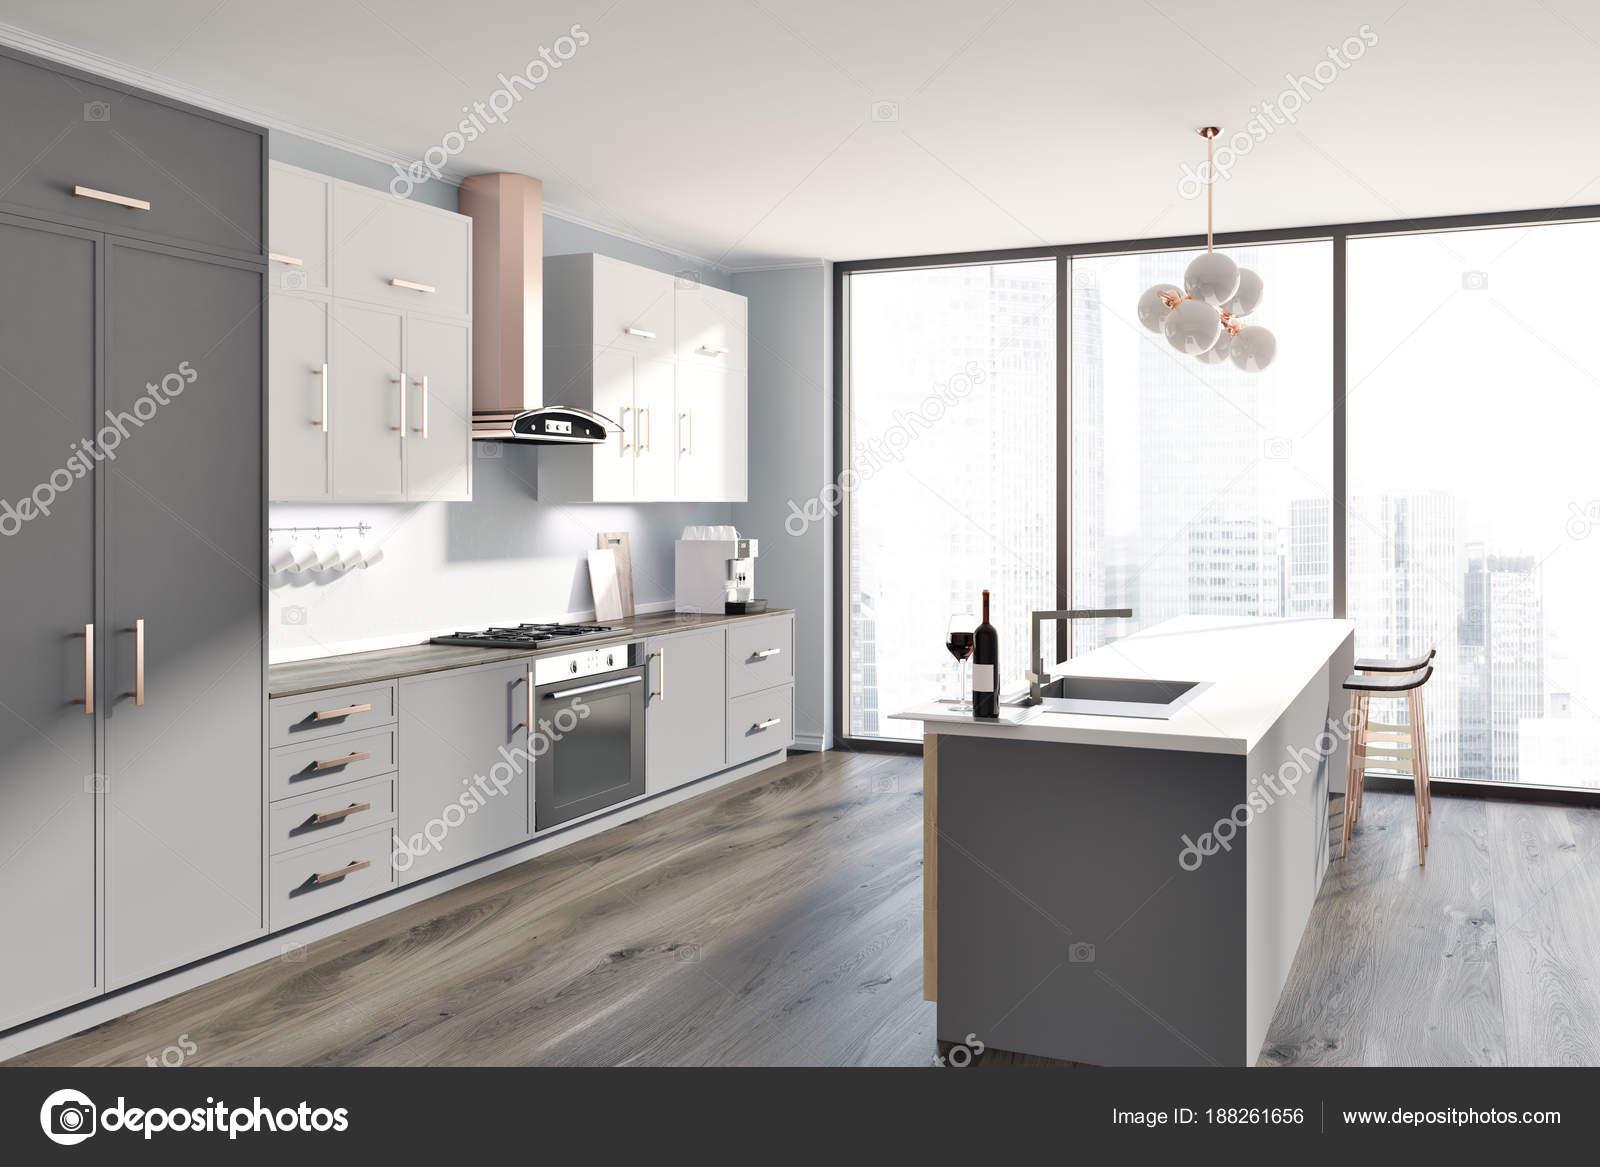 Graue Küche Innen Weiß Und Grau Zähler Seite U2014 Stockfoto